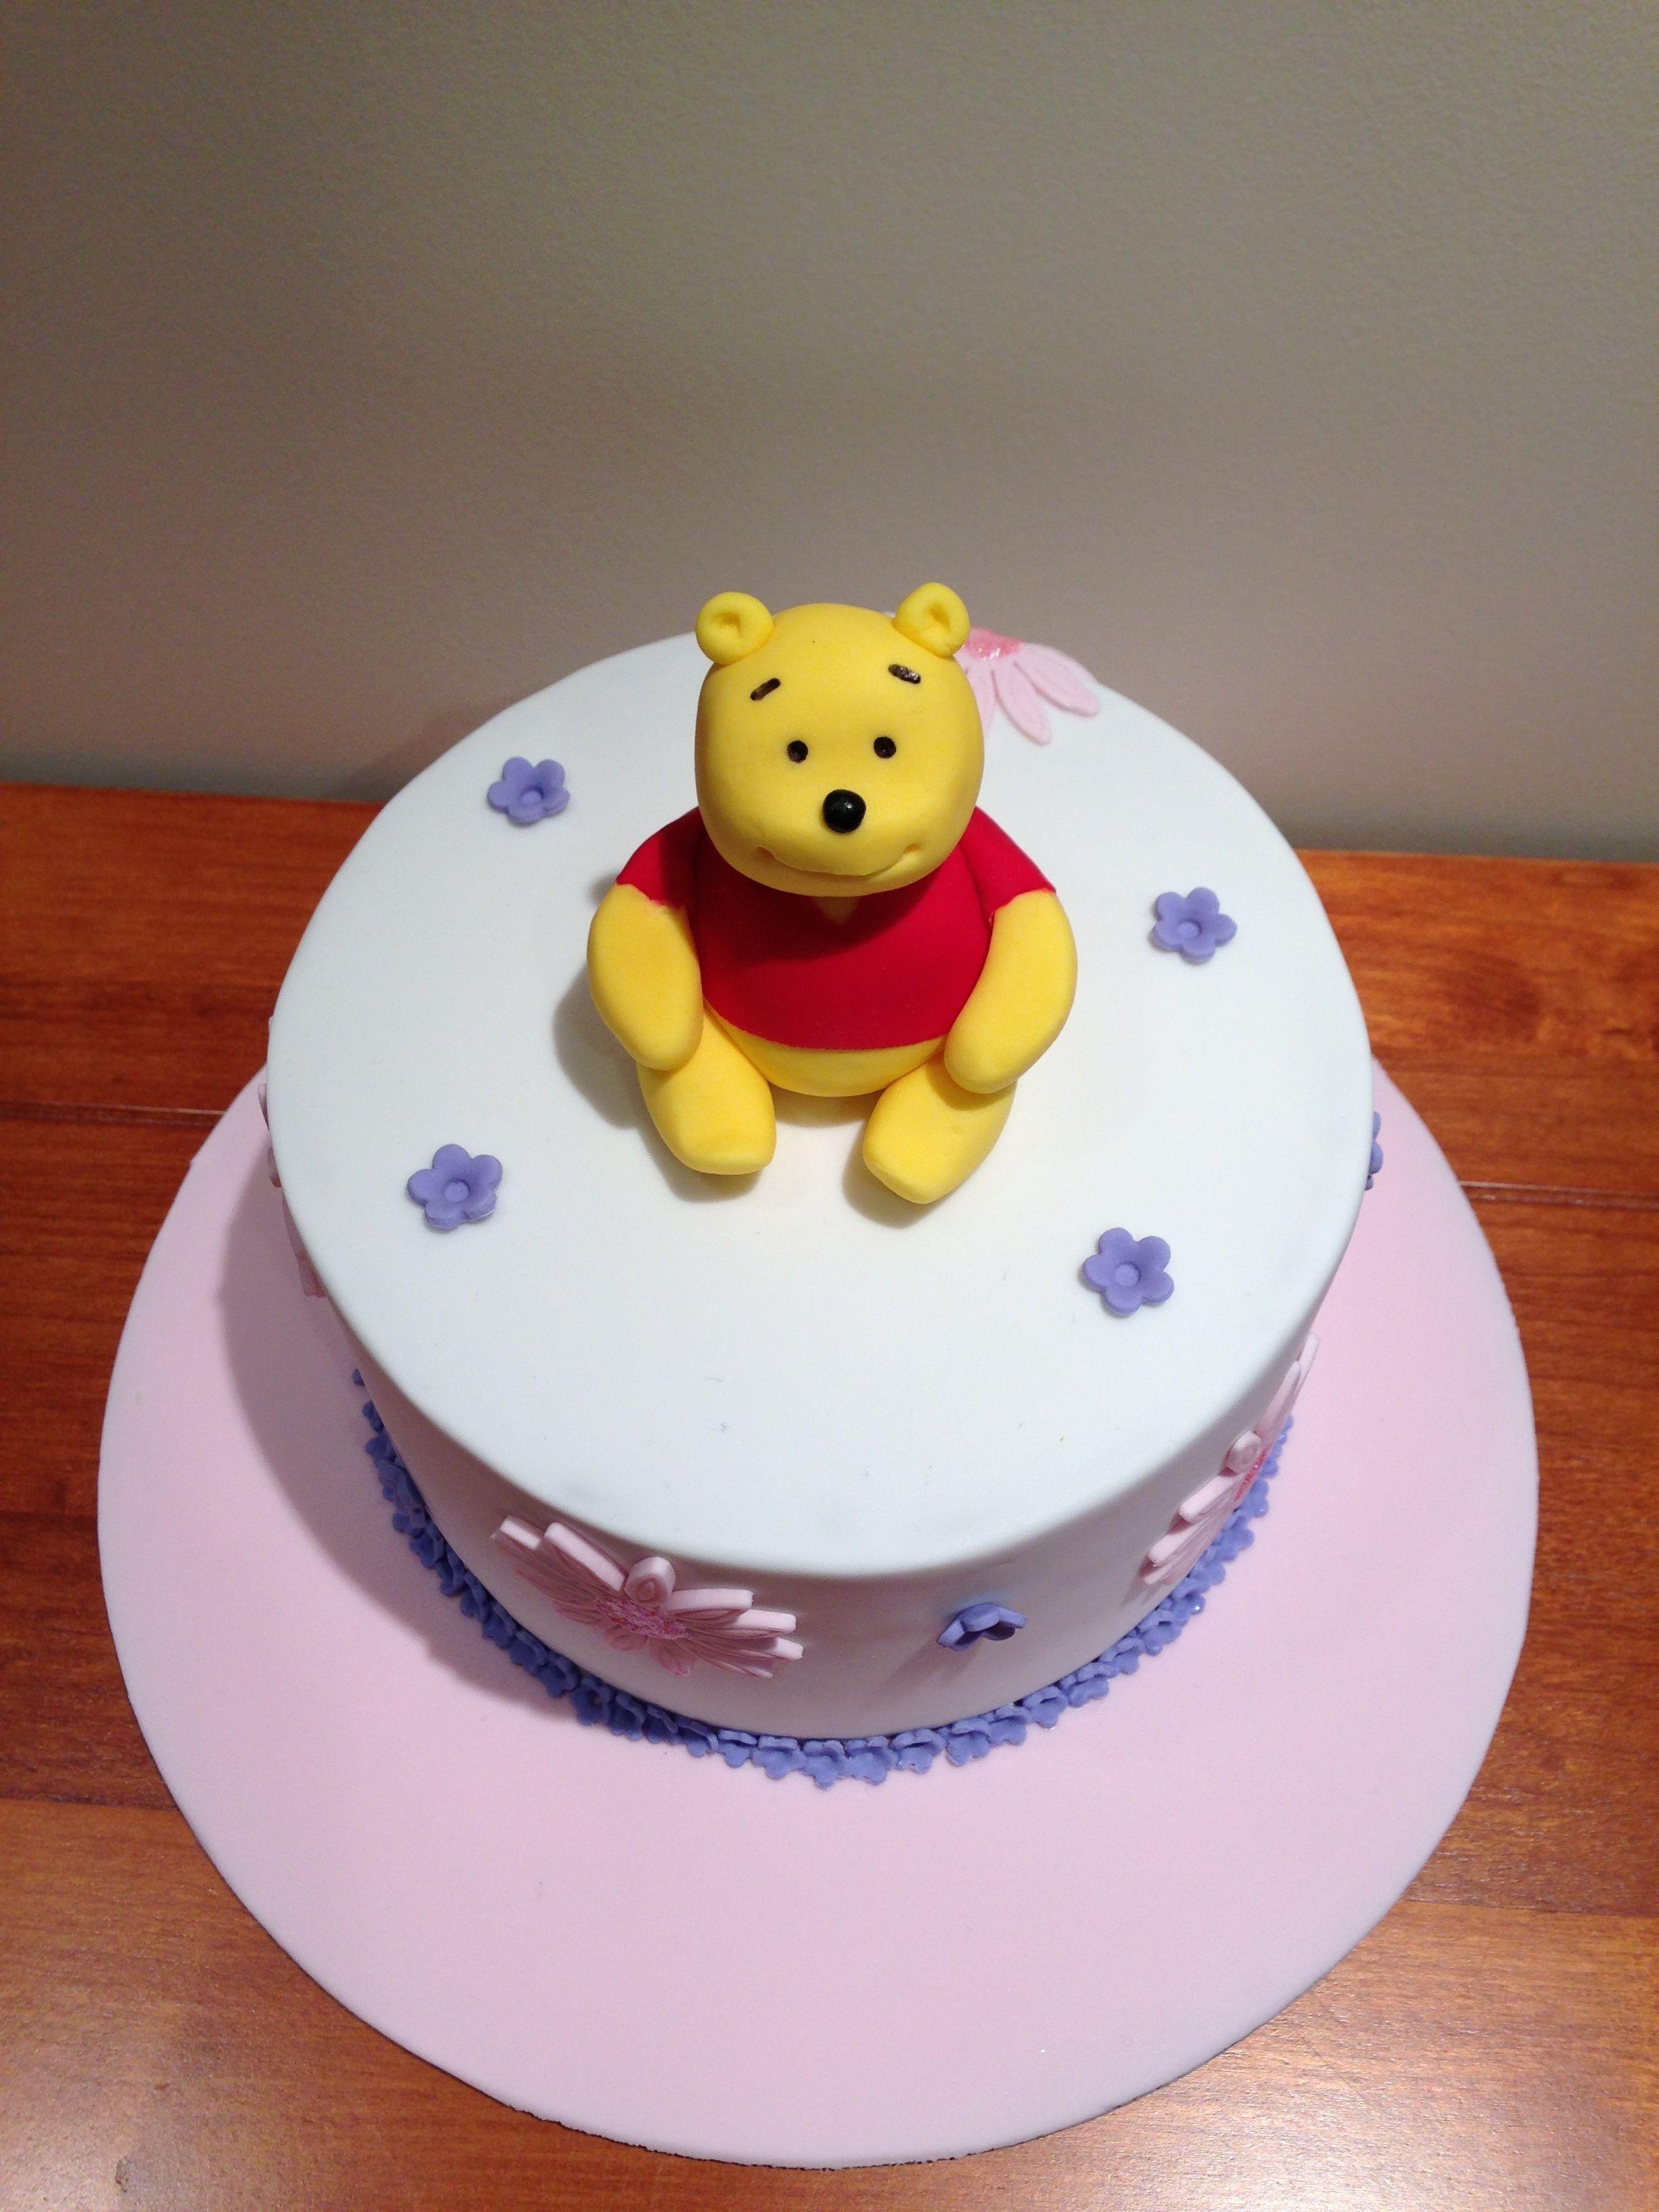 Triple Layered Choc Cake   Winnie The Pooh Baby Shower Cake